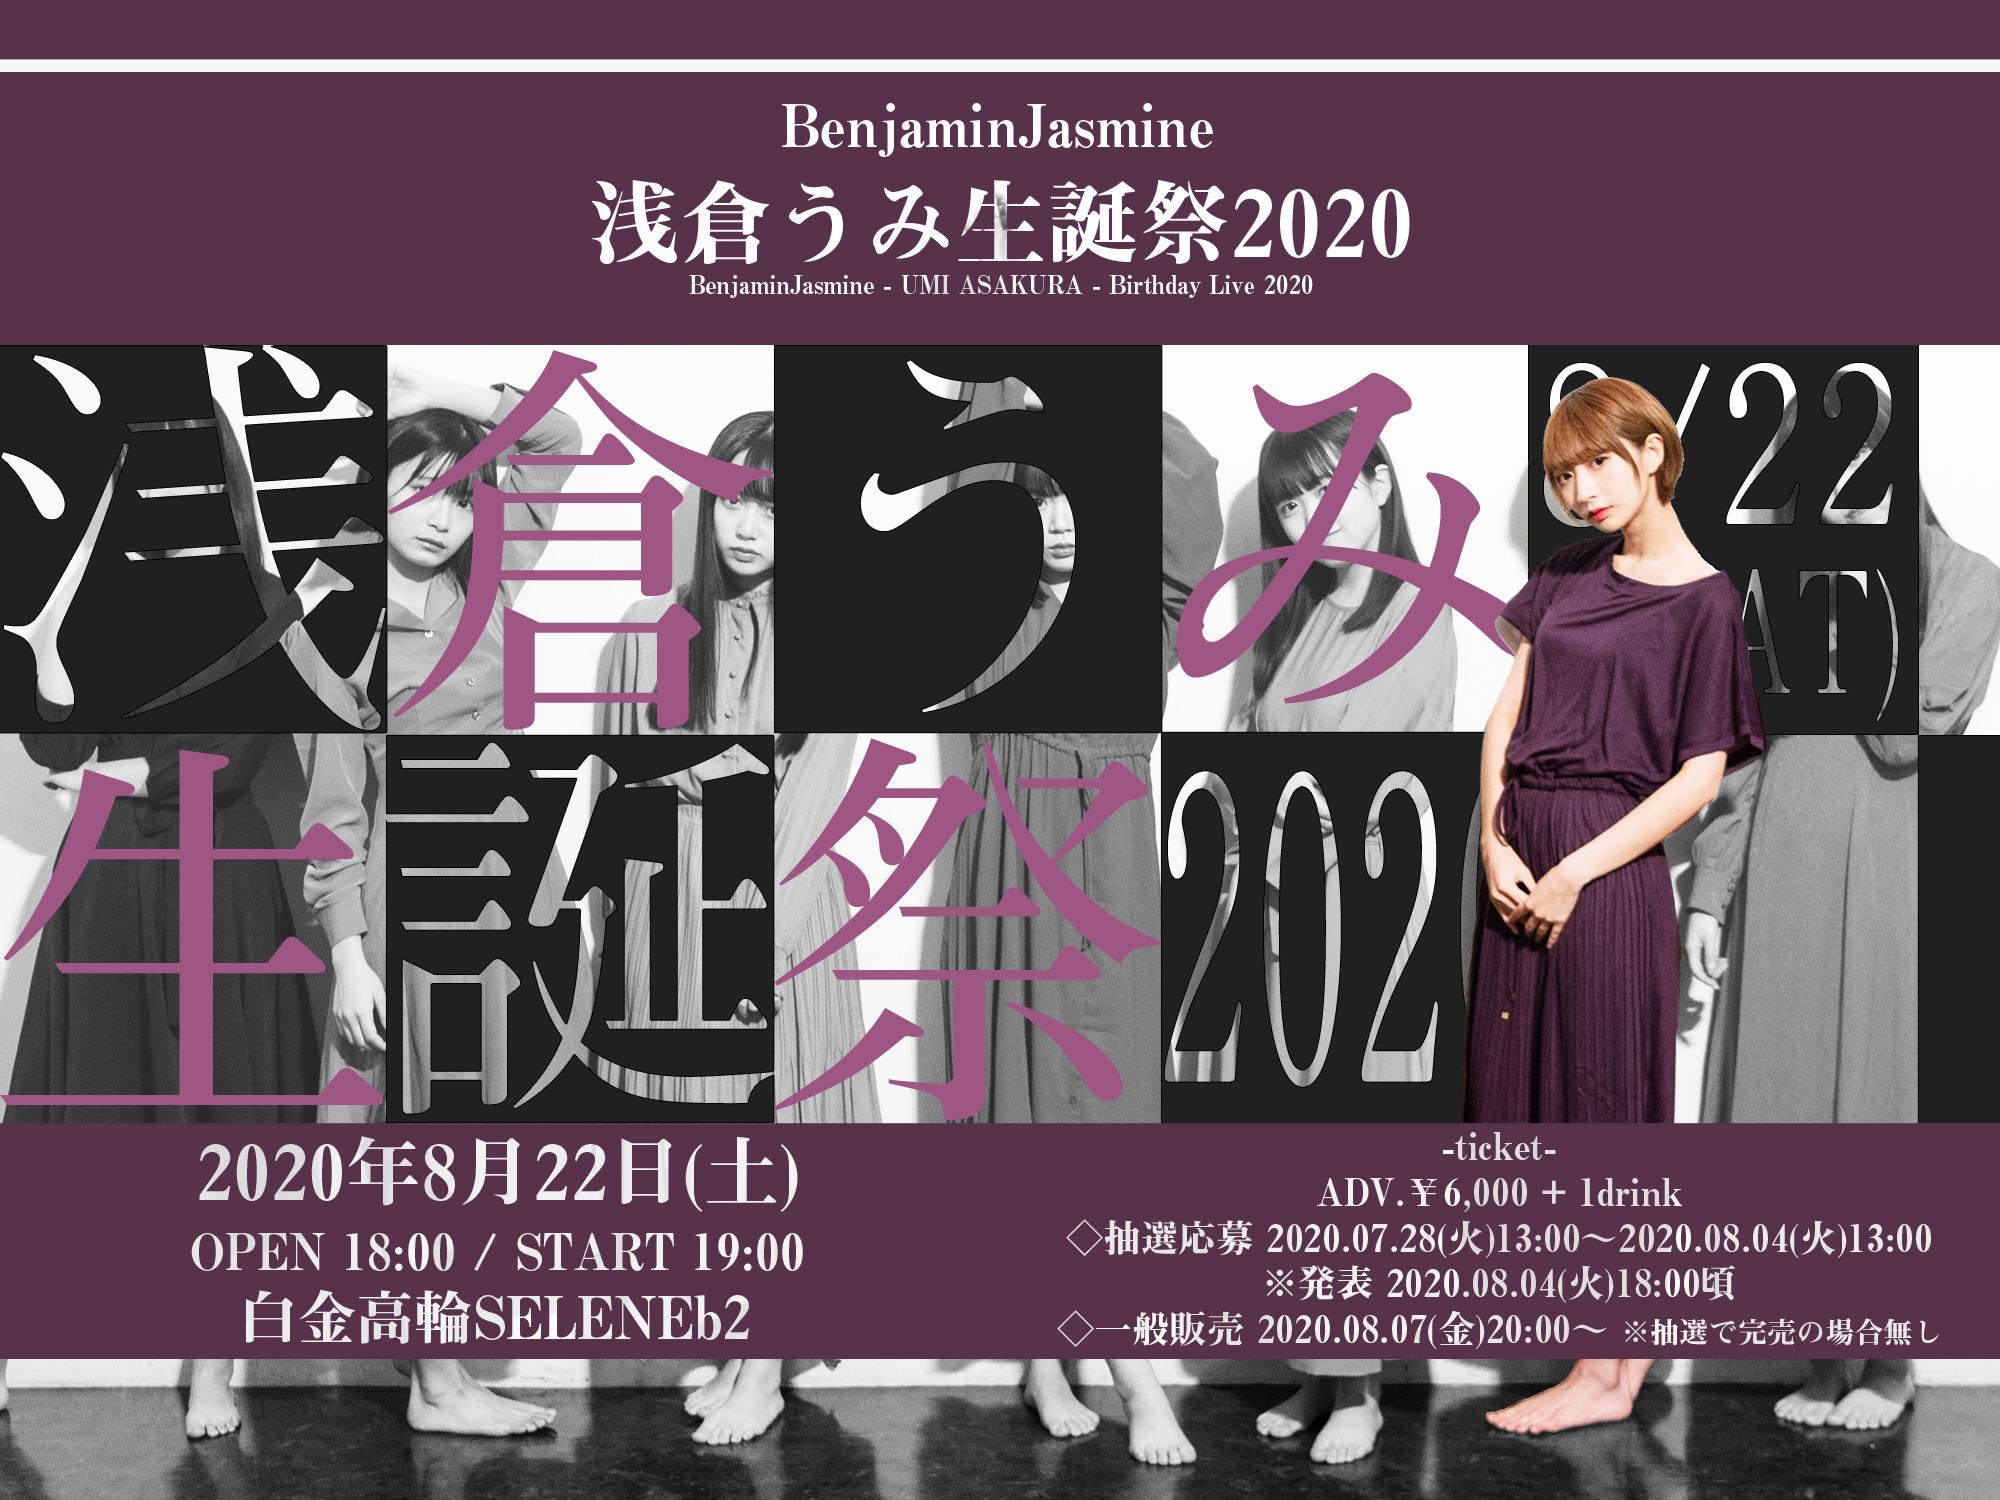 8月22日(土)『BenaminJamsine 浅倉うみ生誕祭2020』